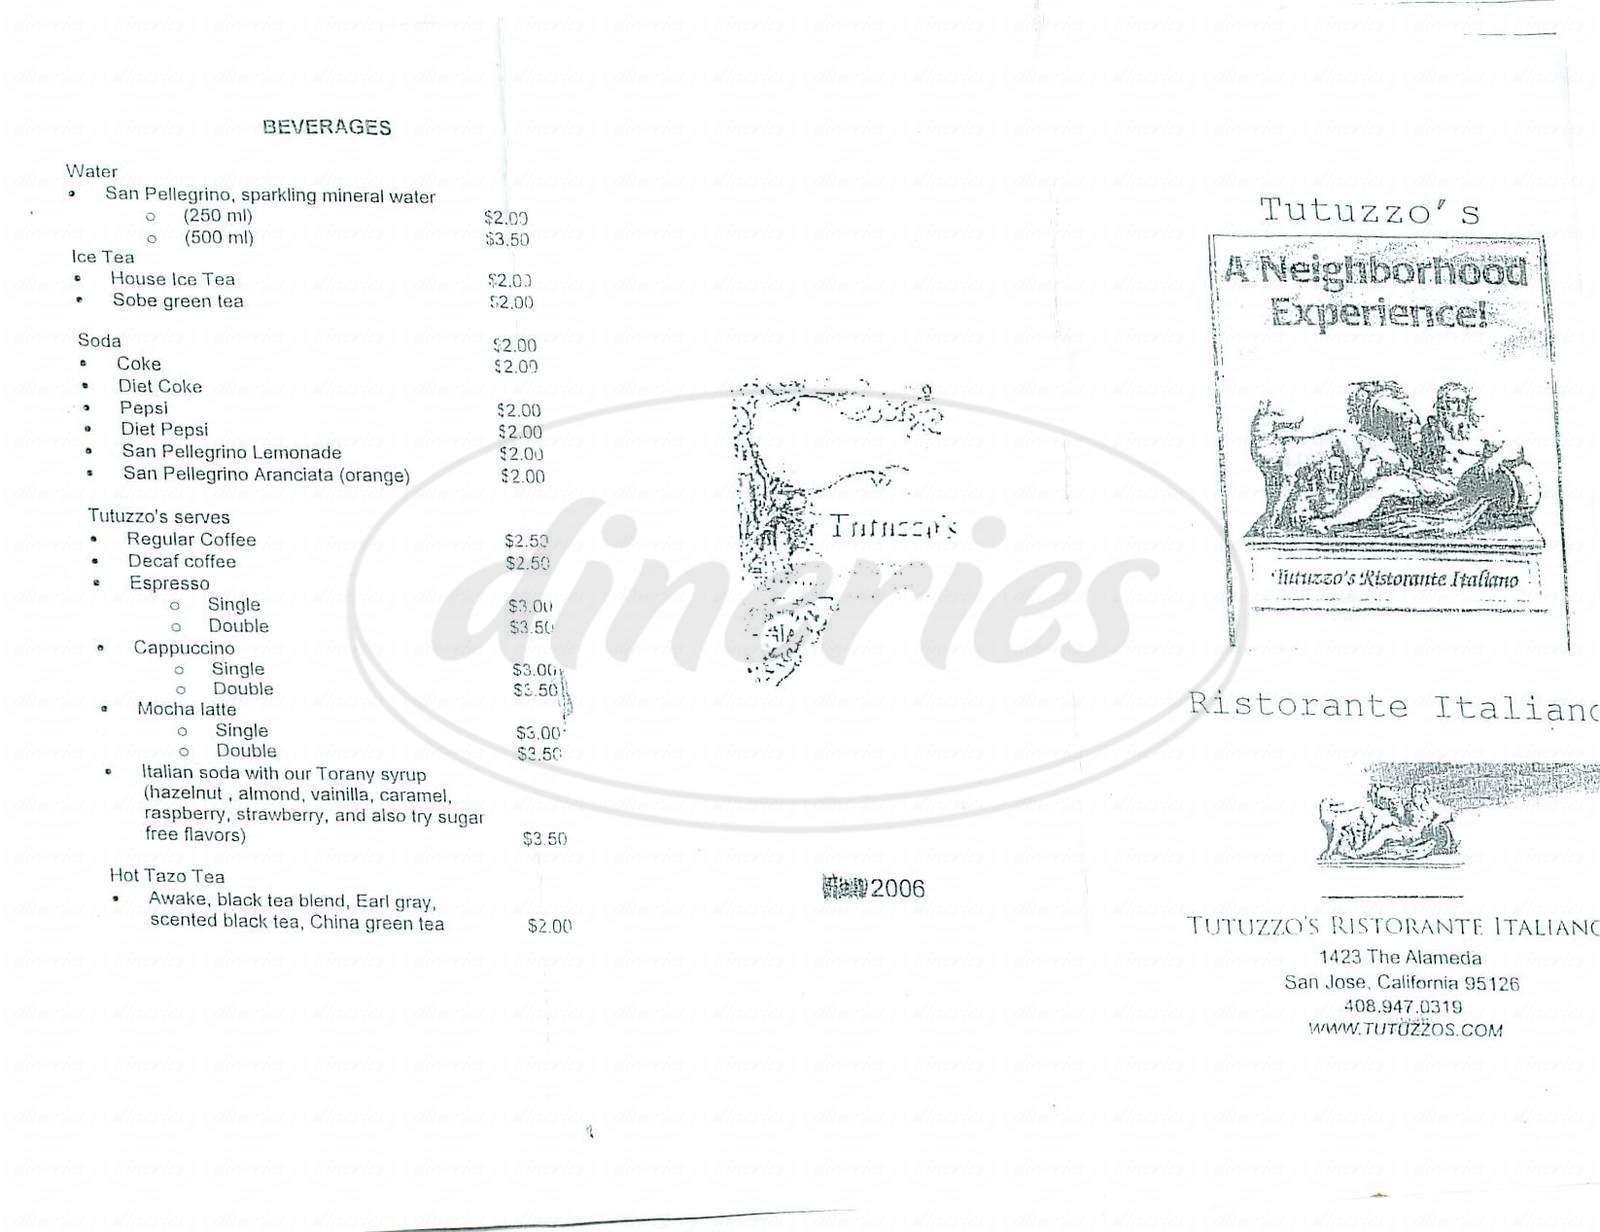 menu for Tutuzzo's Ristorante